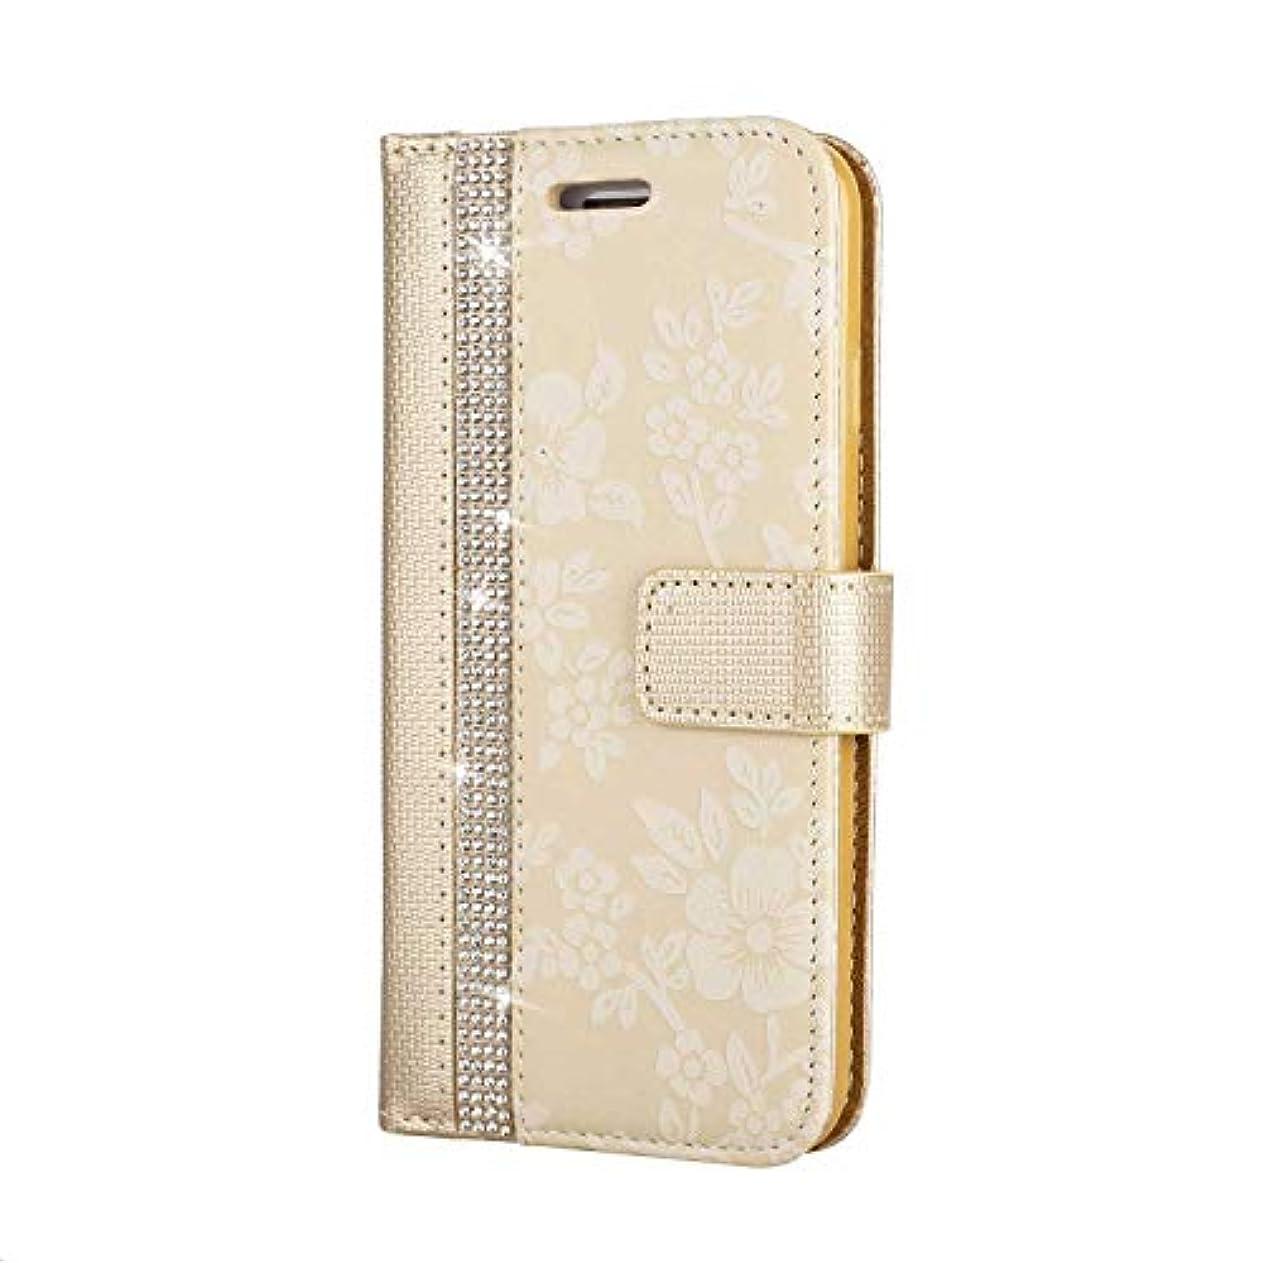 一族フォージアレルギー性CUNUS iPhone 7 / iPhone 8 用 ウォレット ケース, プレミアム PUレザー 全面保護 ケース 耐衝撃 スタンド機能 耐汚れ カード収納 カバー, ゴールド